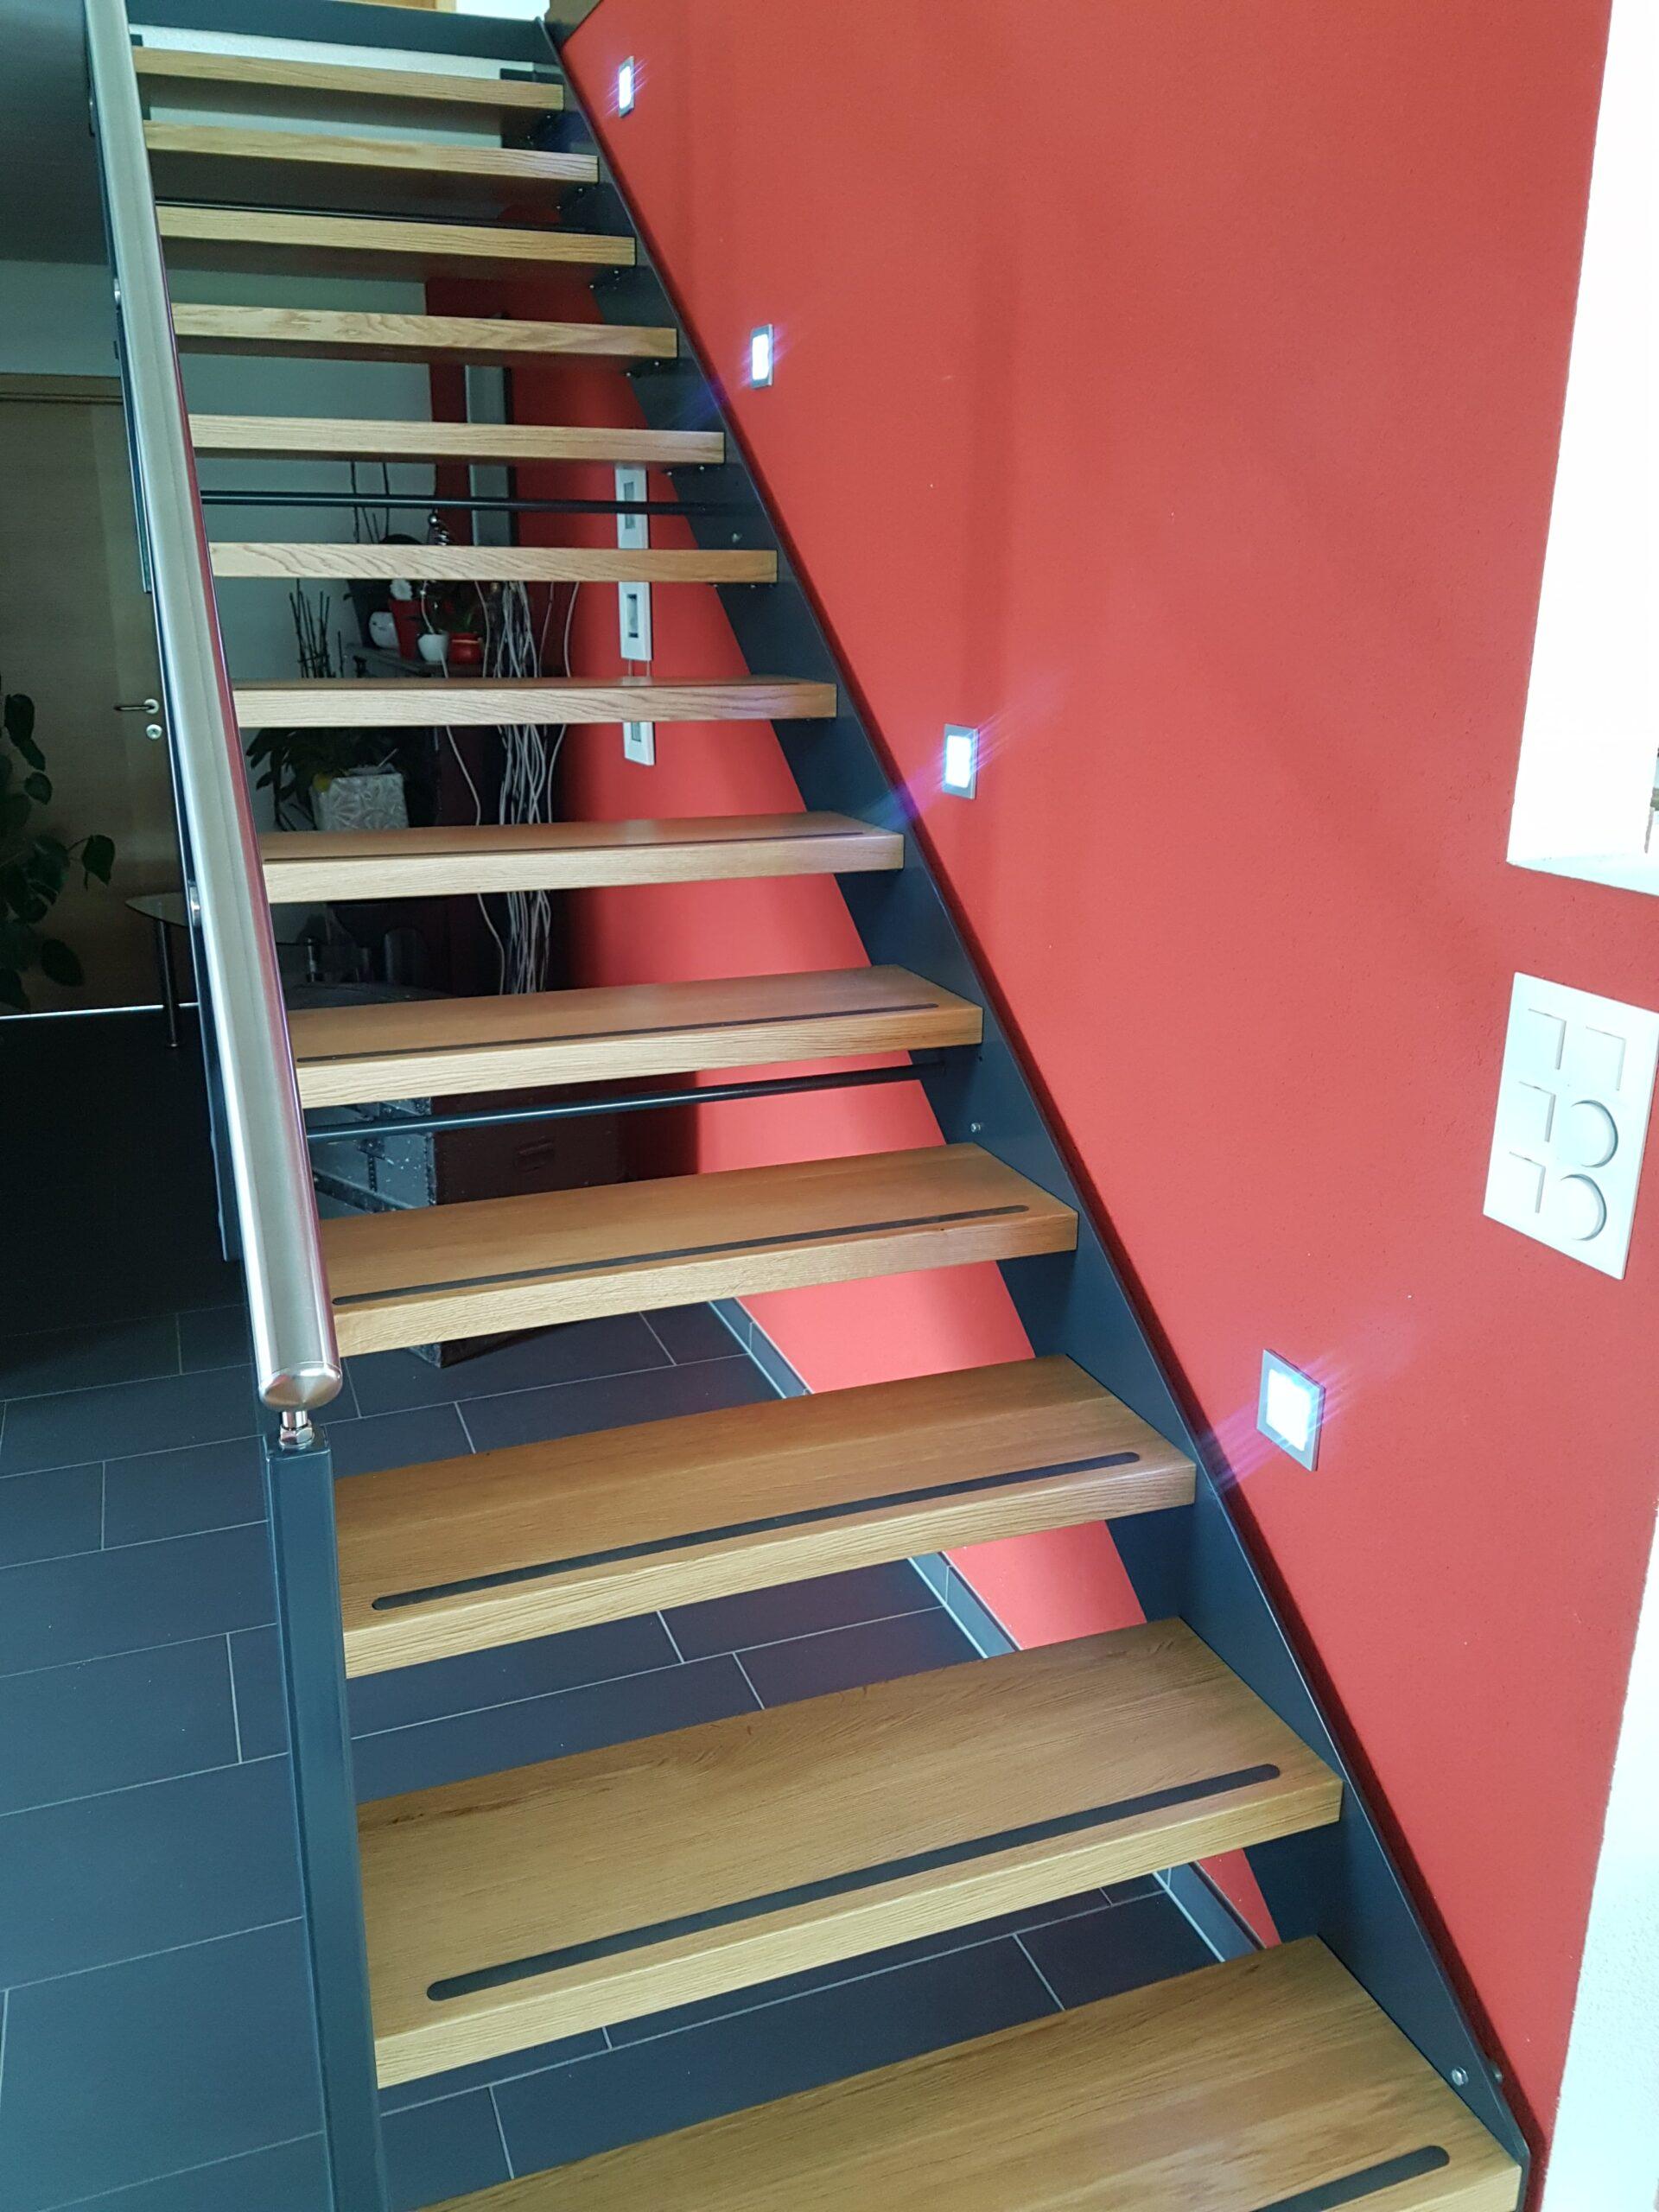 Wooddesign_Treppen_Teppengeländer_Holztreppen_Treppenverkleidung_Stahltreppe mit Holztritte Glasgeländer (3)-min